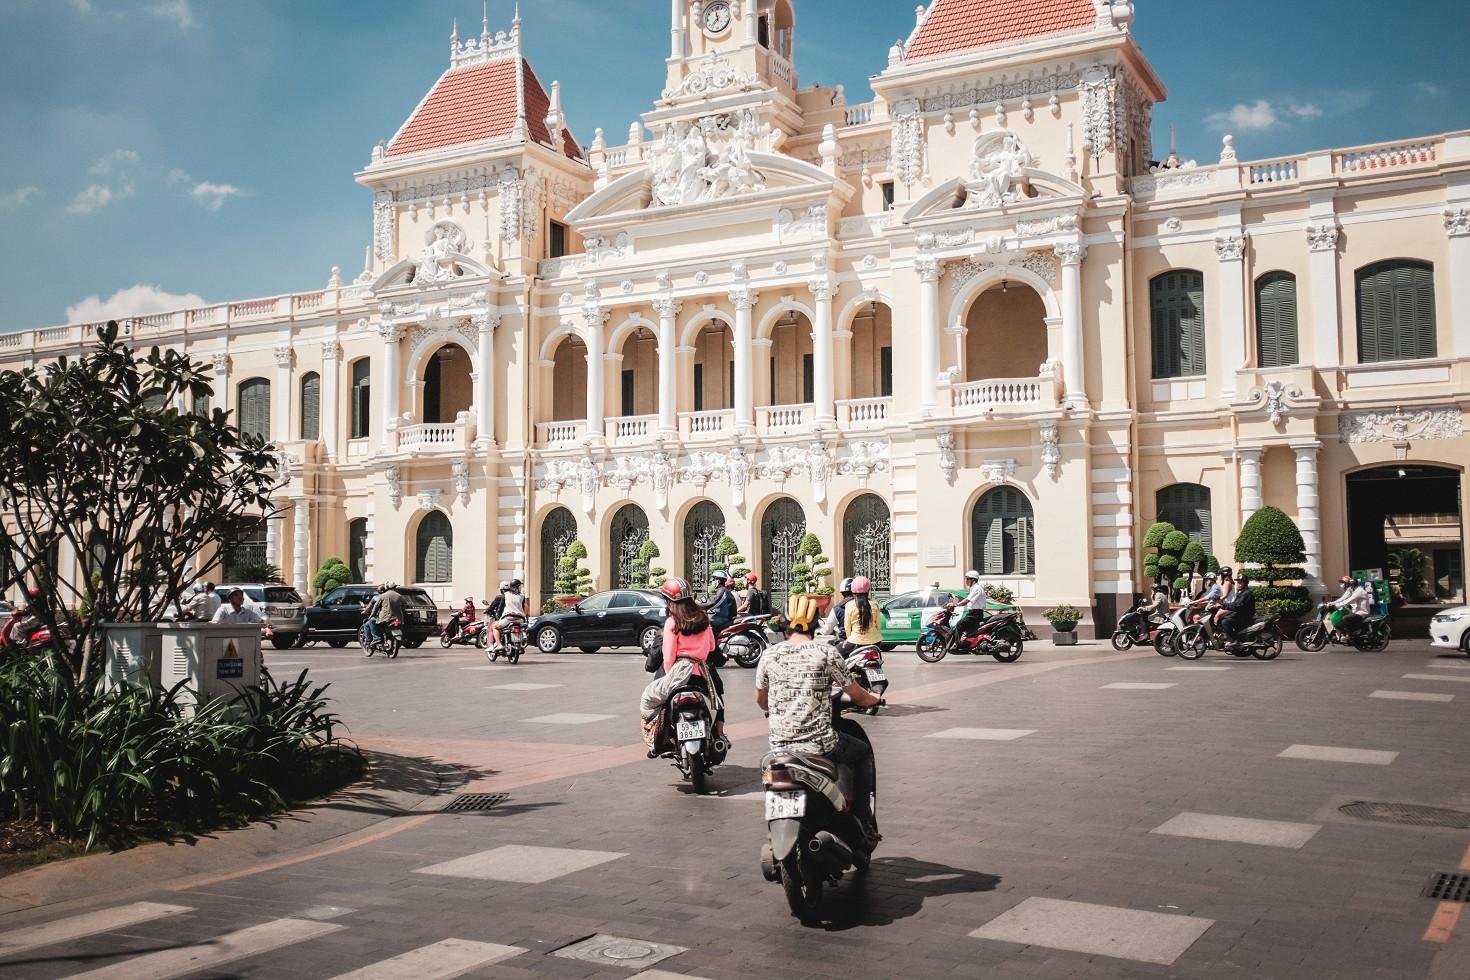 Vietnam-Ho-Chi-Minh-City-Saigon-Reportage (6 von 16)